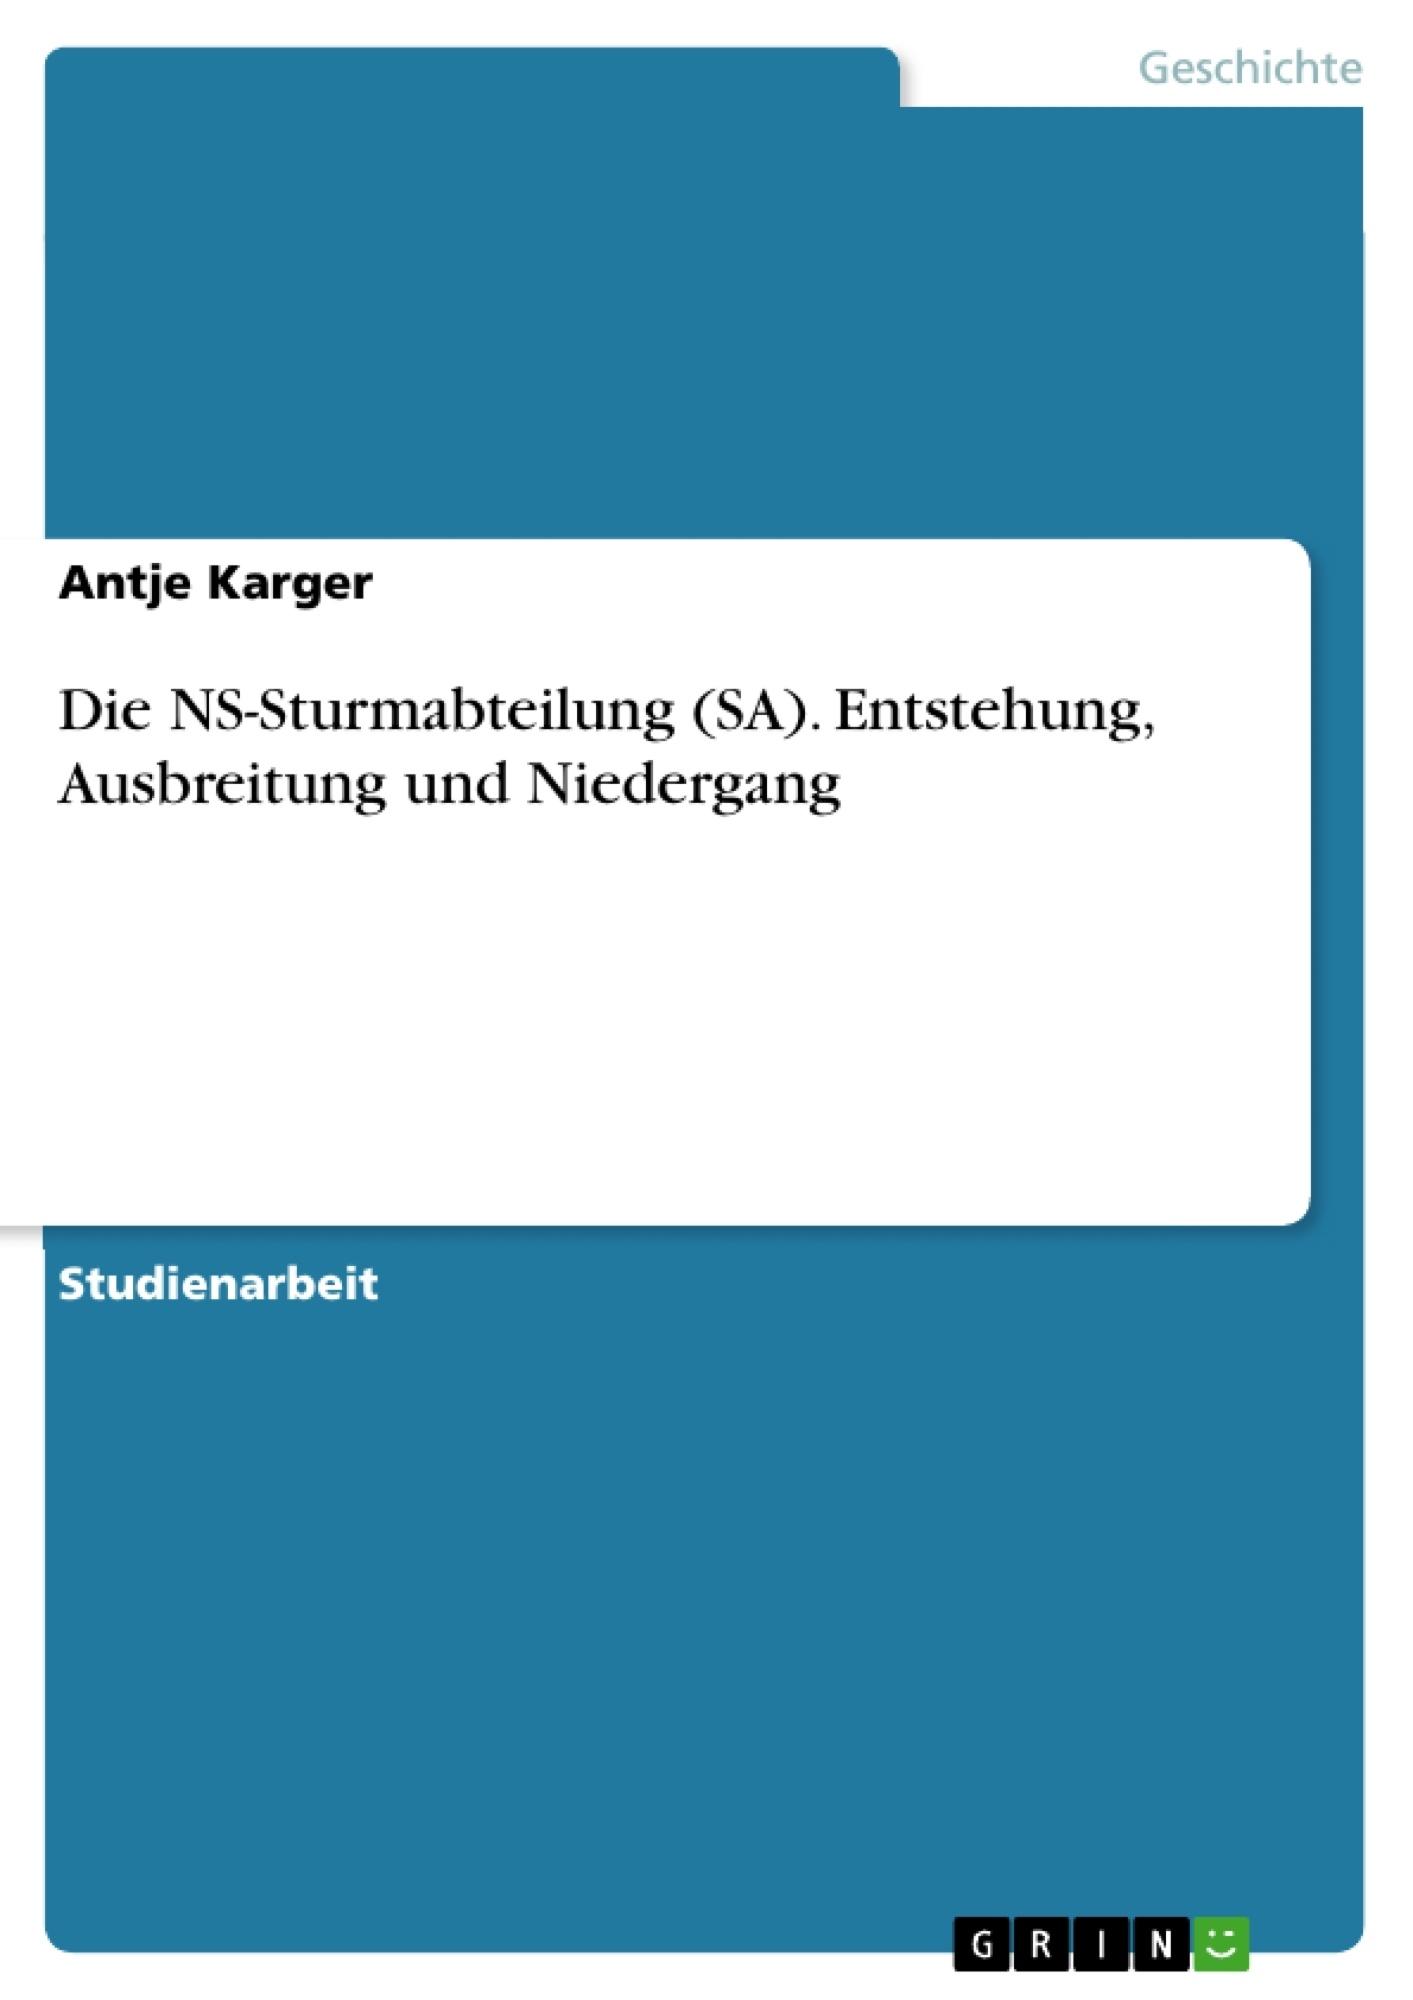 Titel: Die NS-Sturmabteilung (SA). Entstehung, Ausbreitung und Niedergang